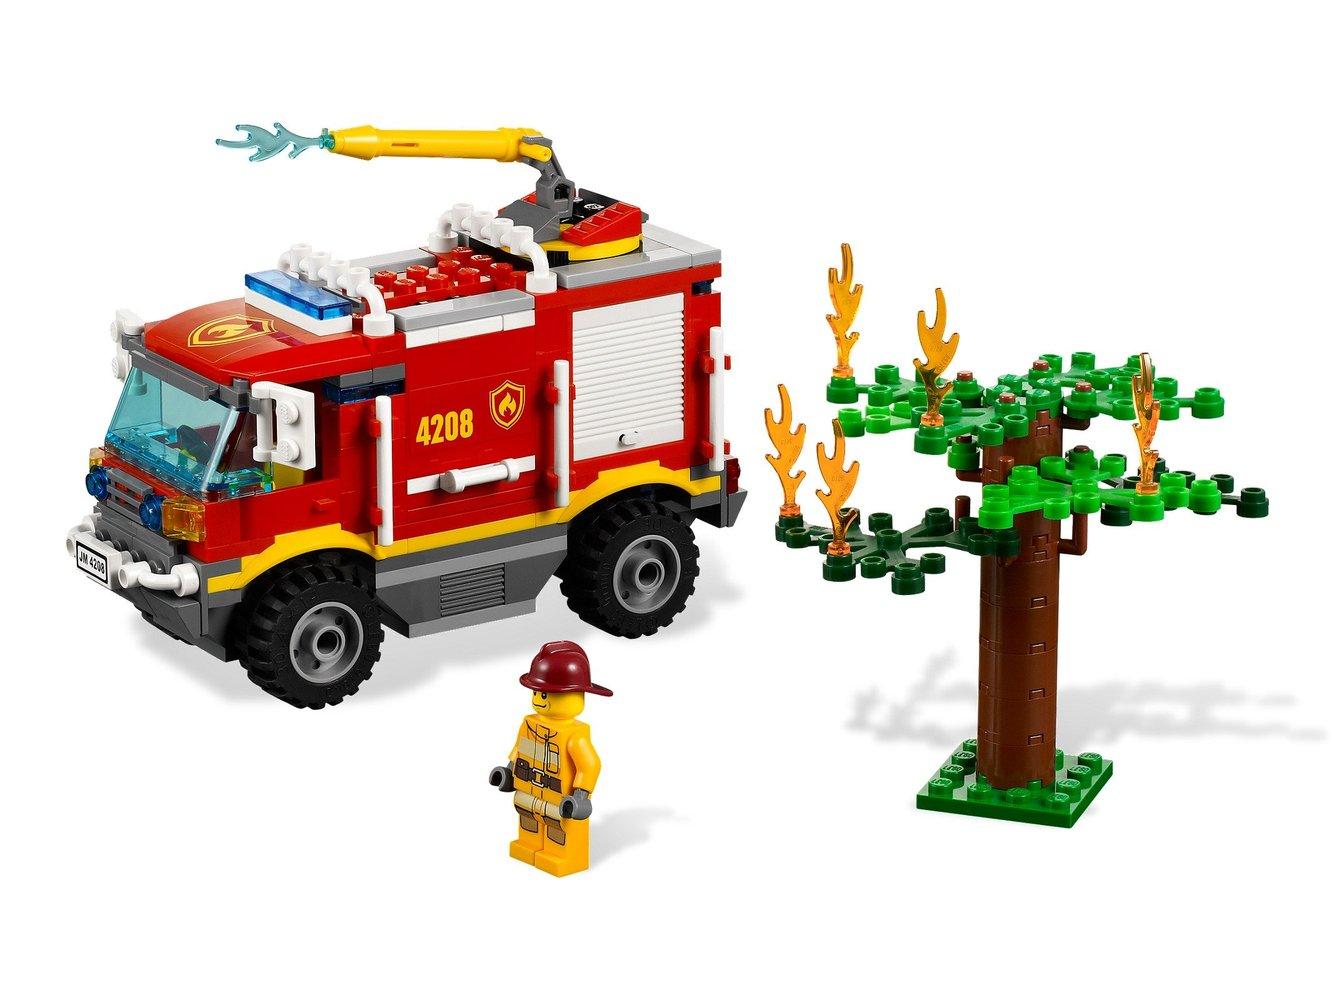 4x4 Fire Truck